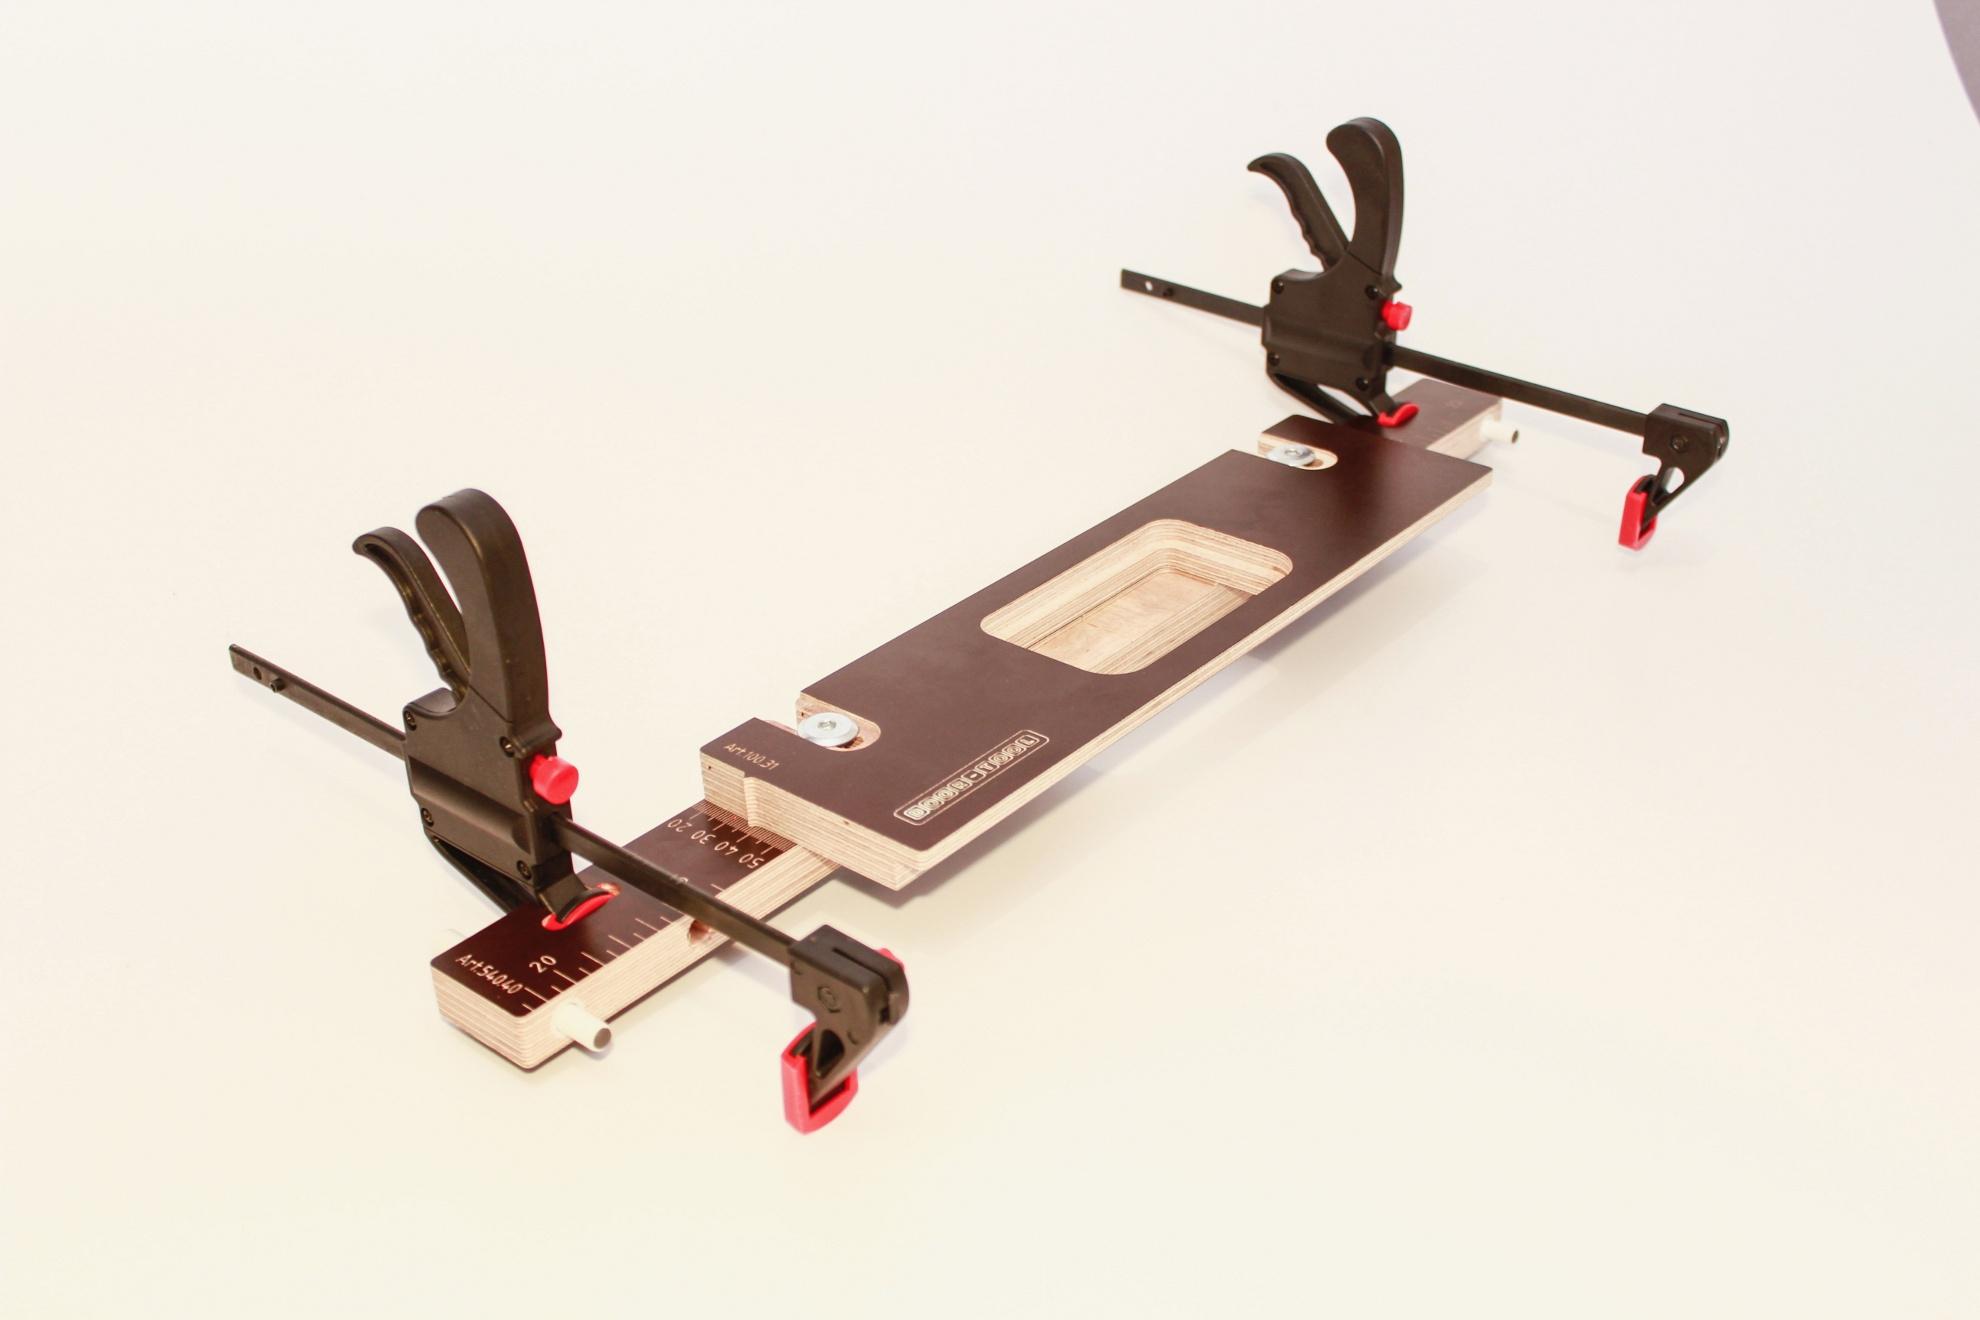 Шаблоны для фрезера для петель: инструкция по использованию 61